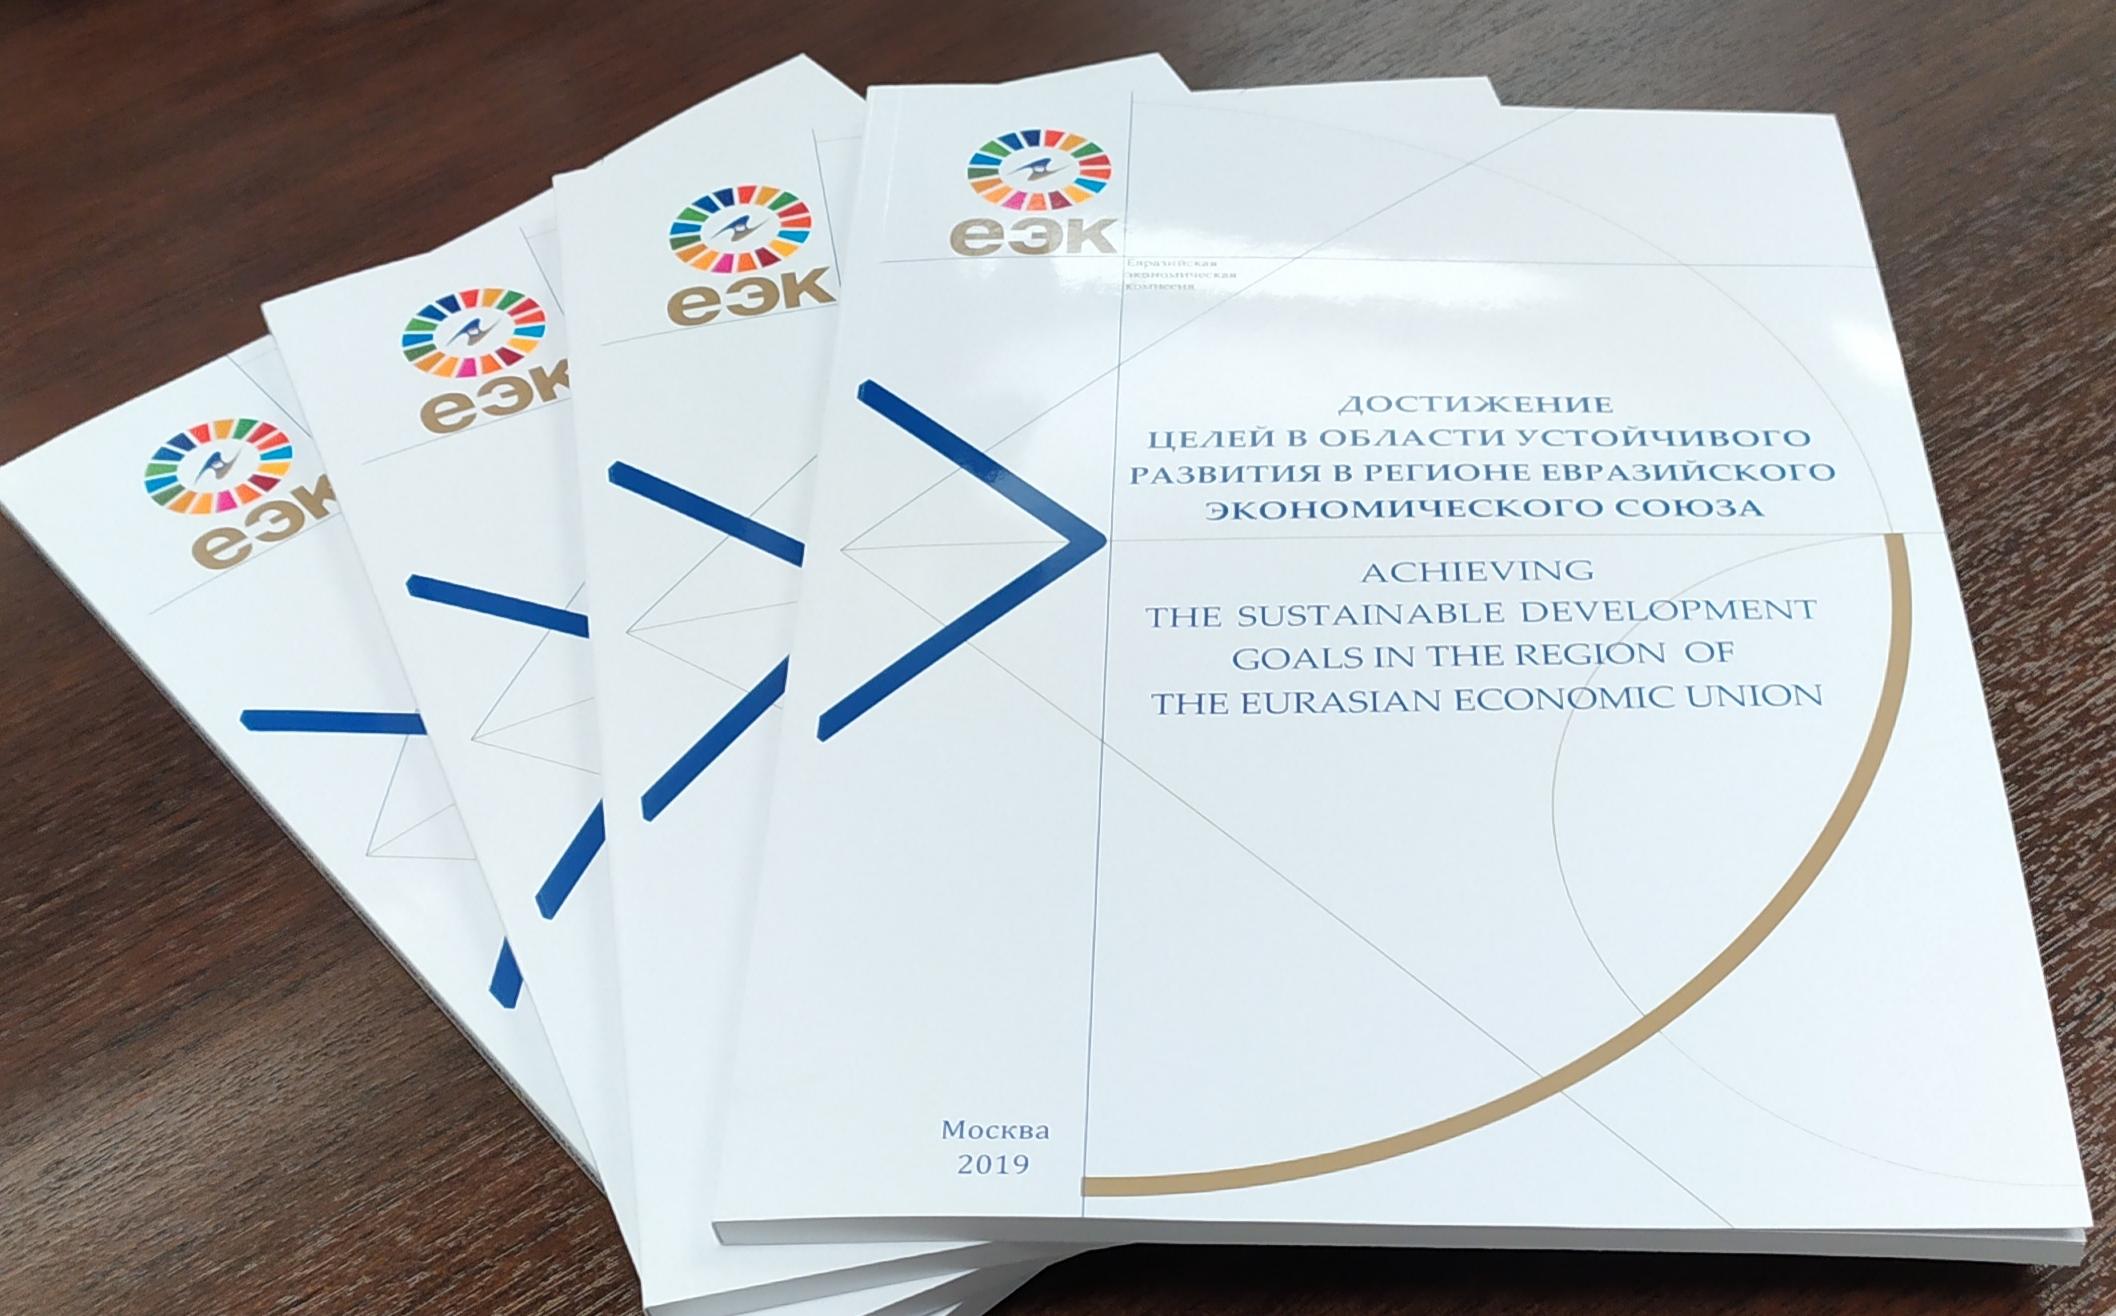 ЕЭК презентовала статистический сборник, посвященный достижению целей в области устойчивого развития